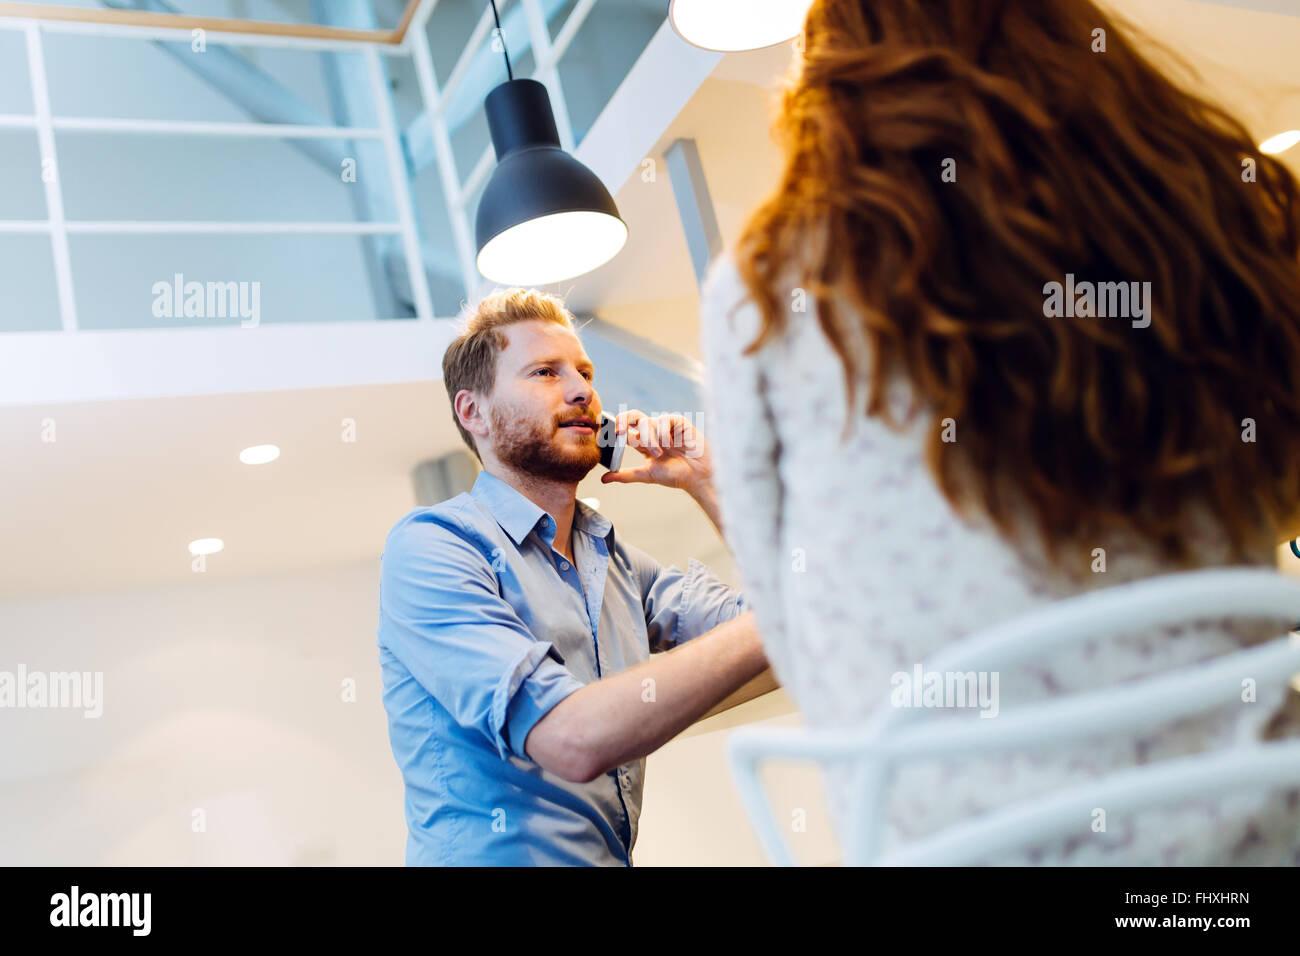 Hablar por teléfono mientras dating mujer no está recomendado Foto de stock